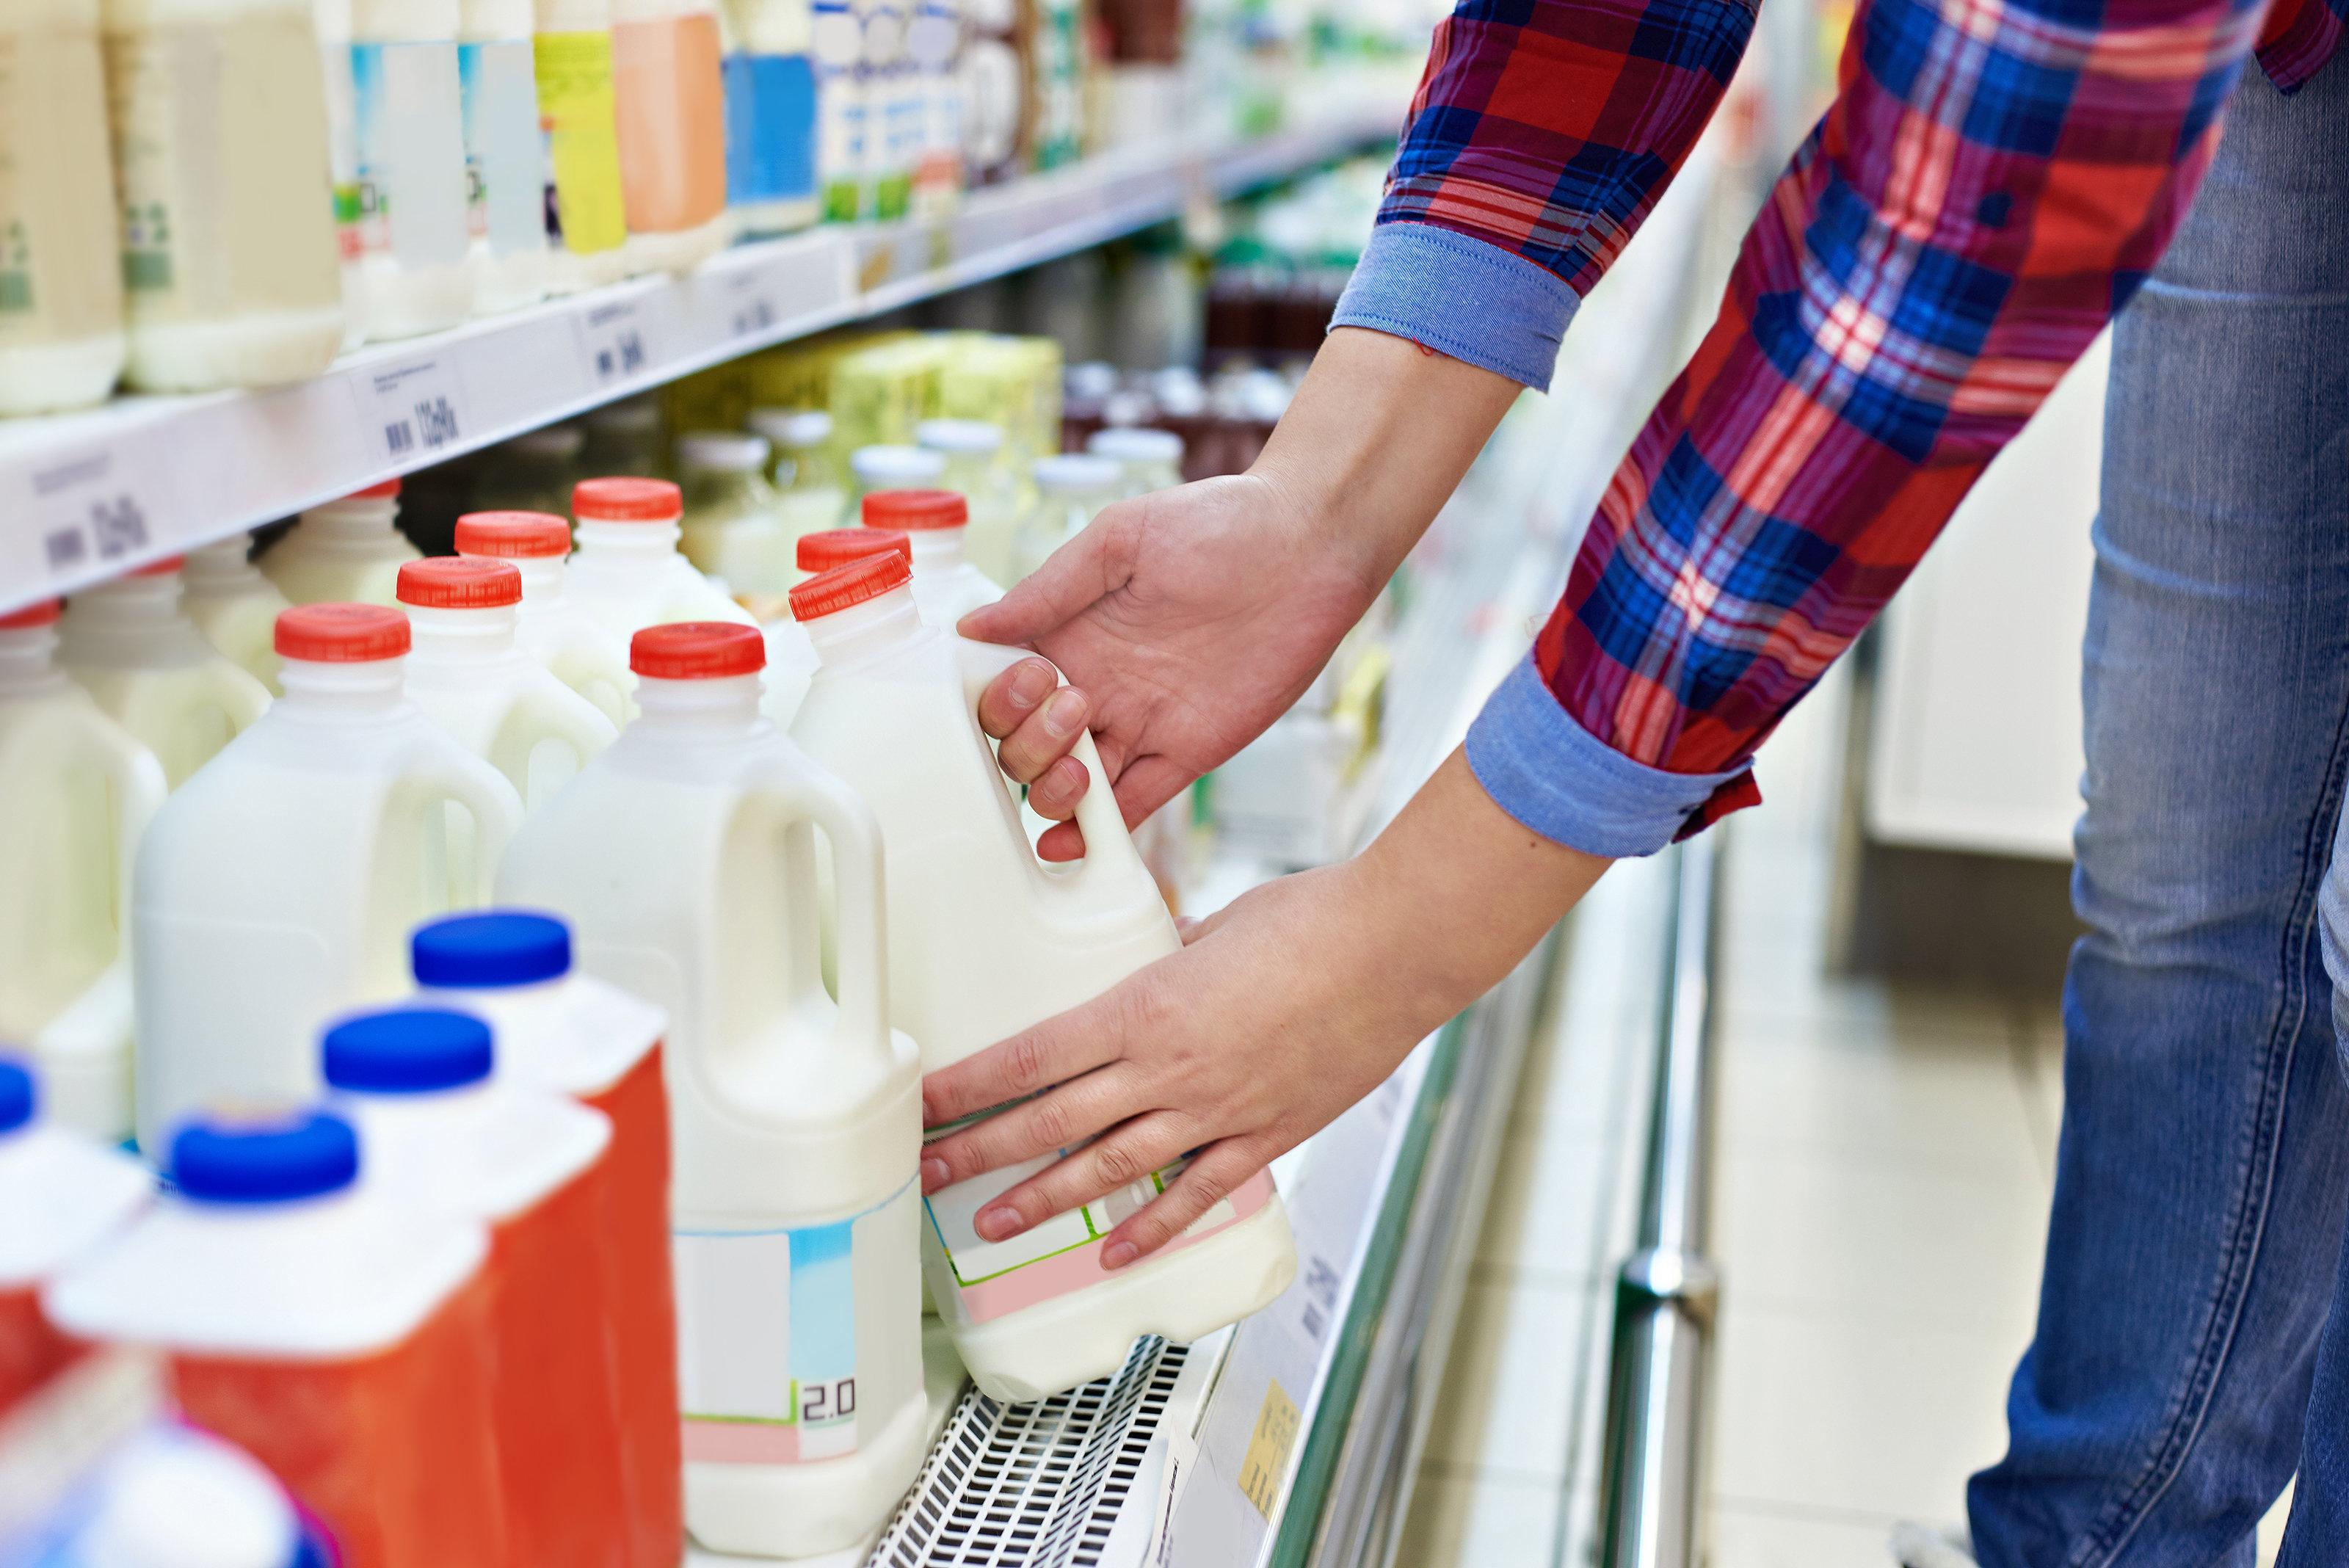 Цифровая маркировка молочной продукции: так ли страшен черт, как его малюют?